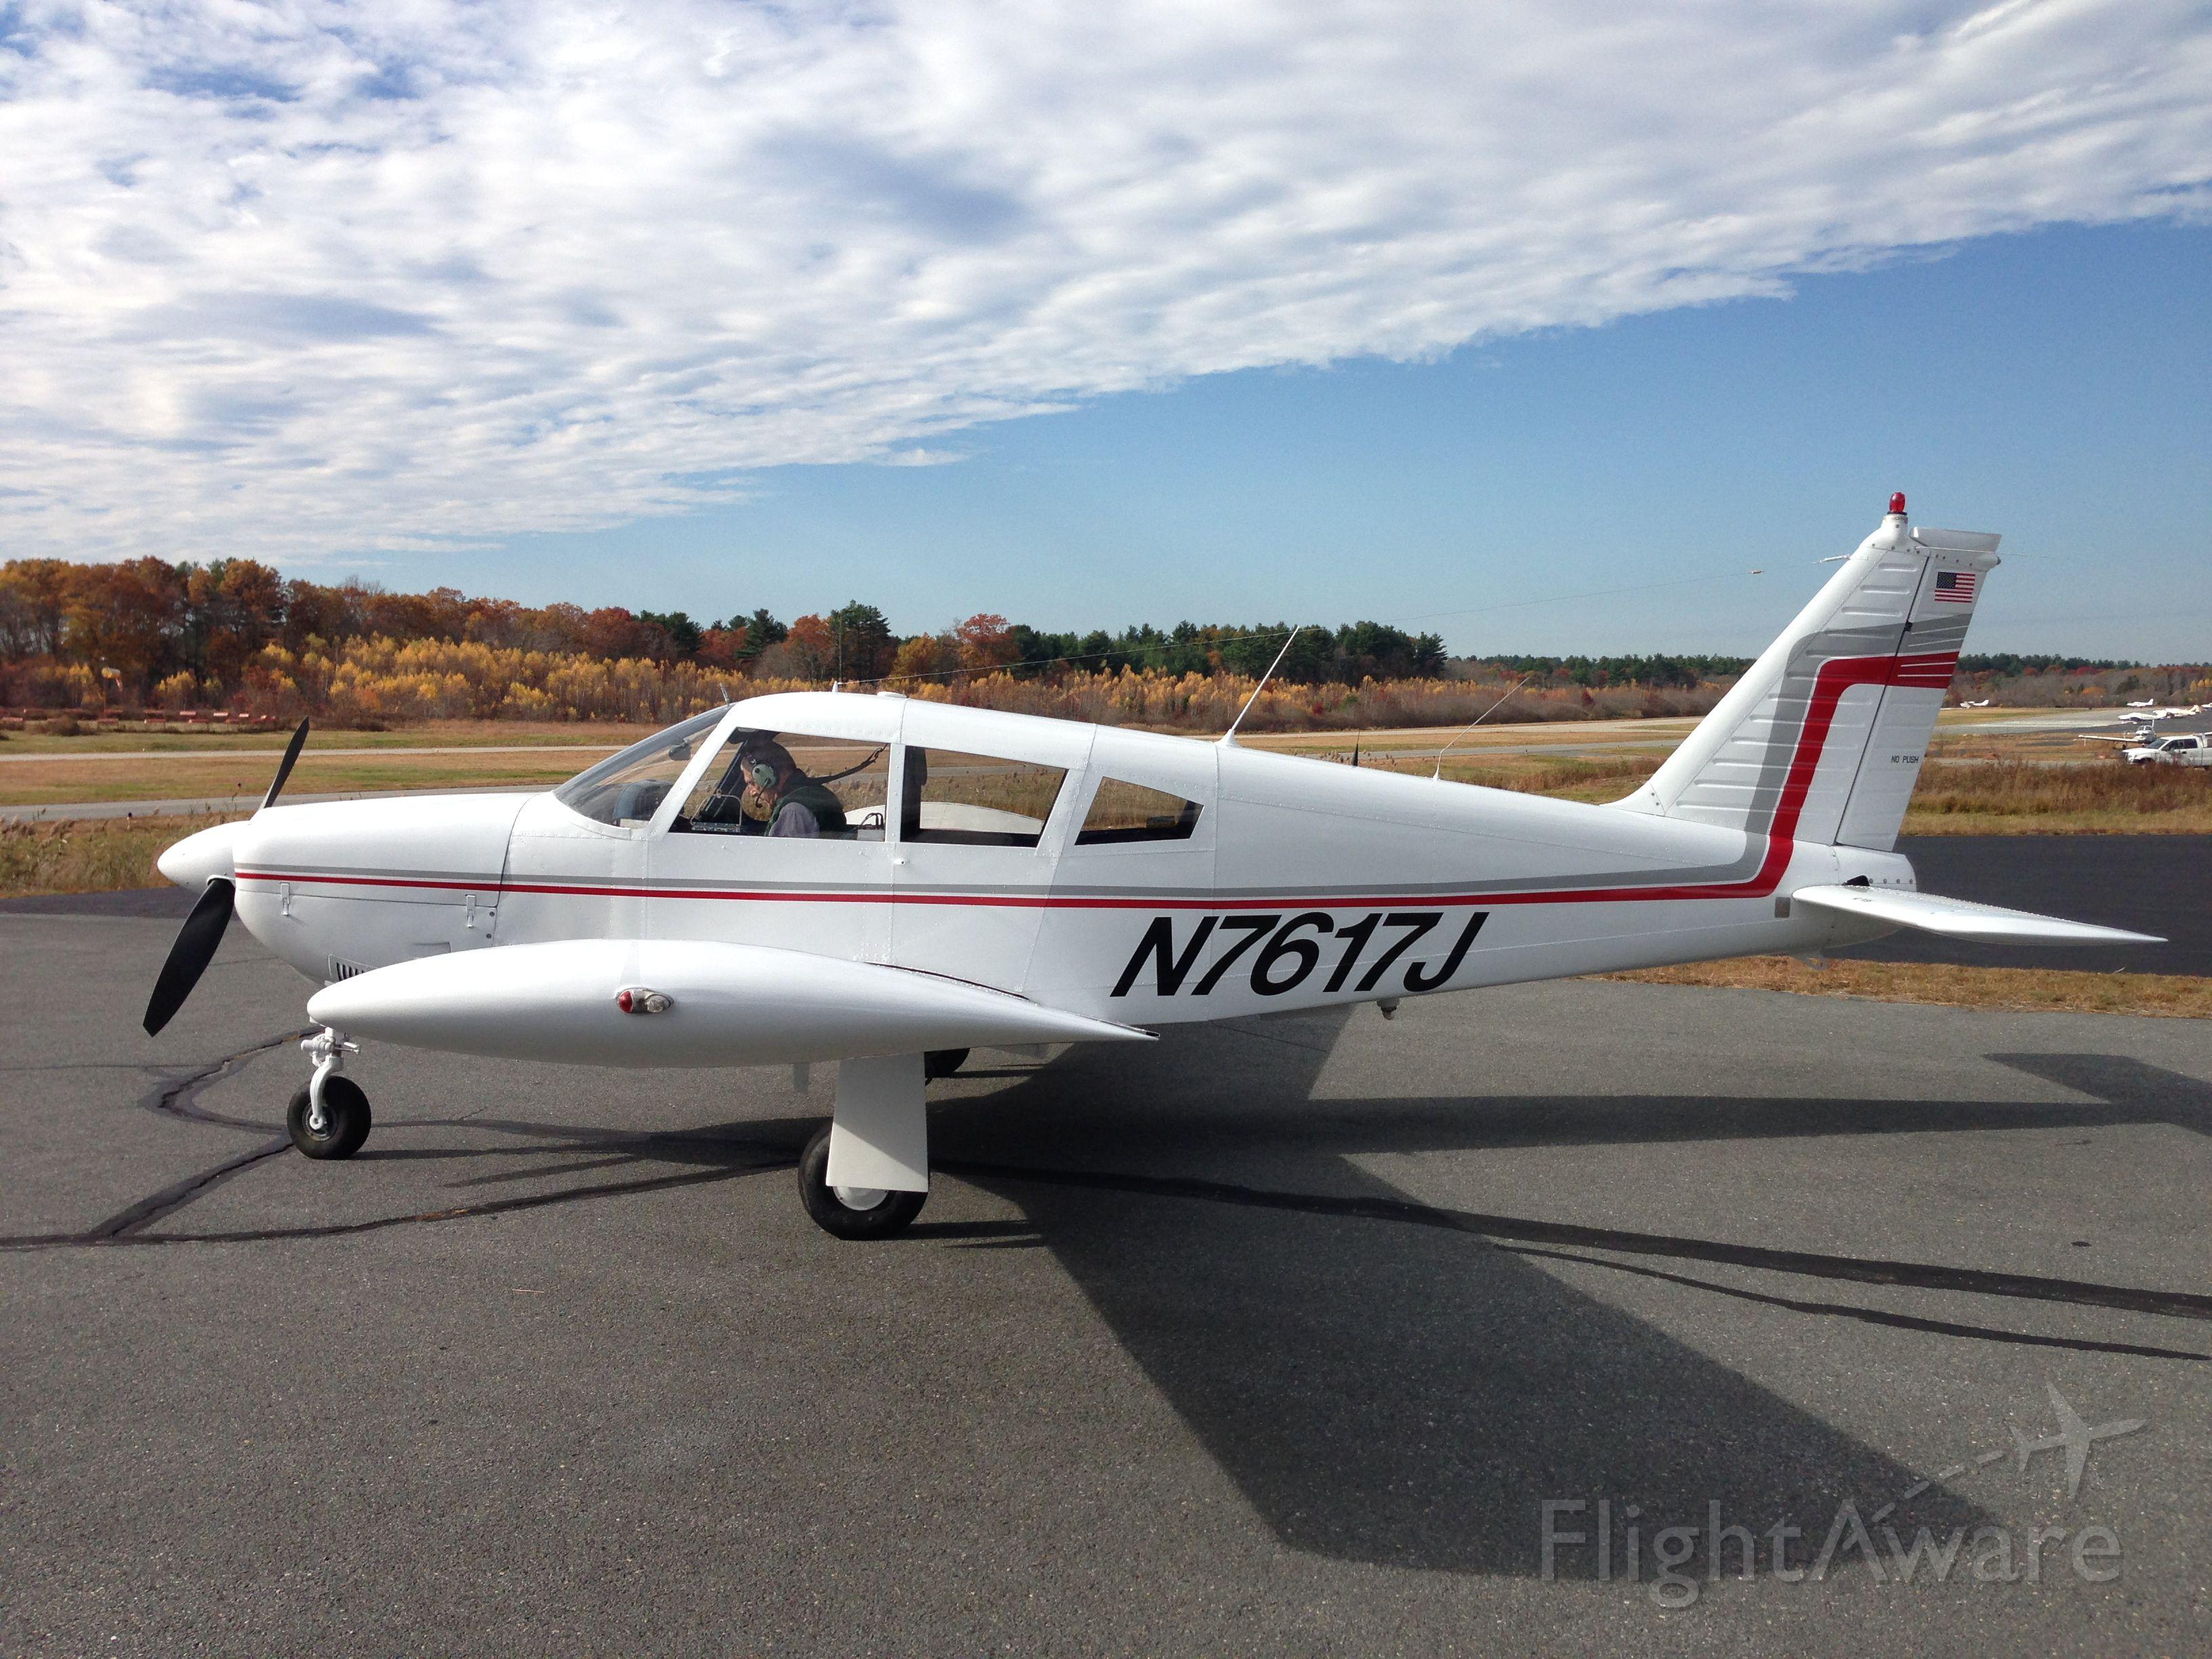 Piper Cherokee (N7617J)